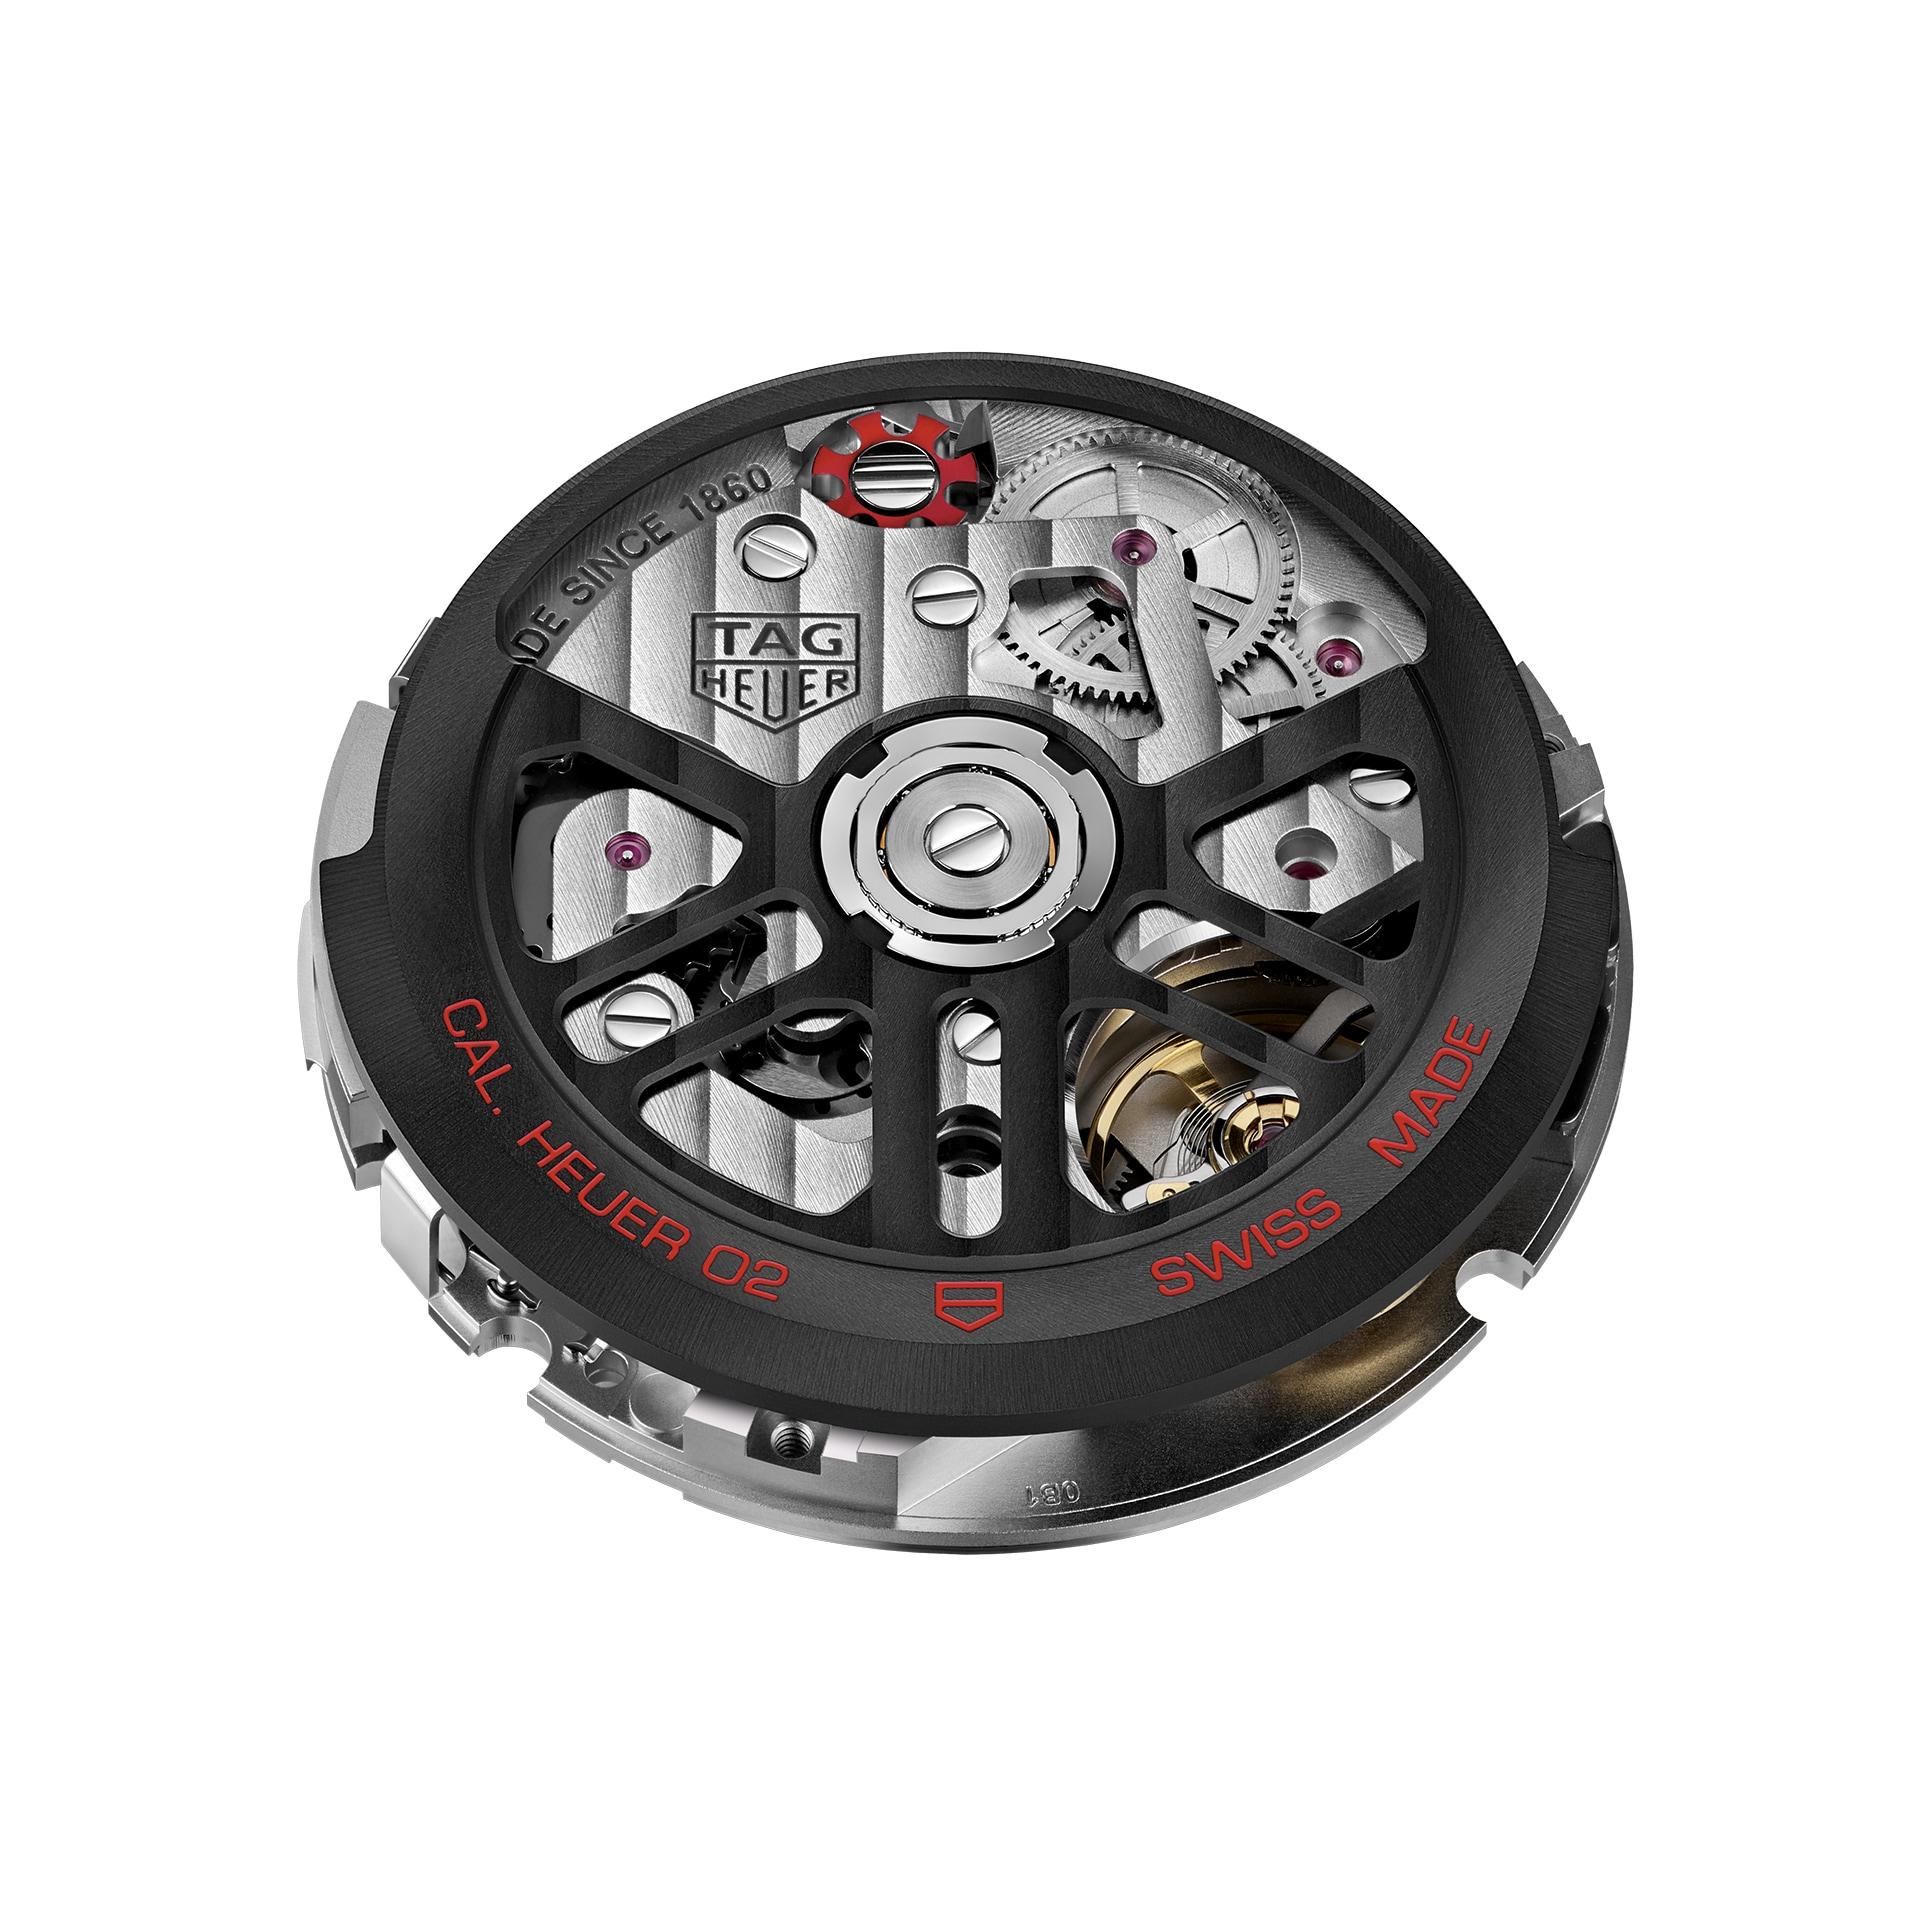 タグ・ホイヤー自社製 ホイヤー02ムーブメント - パワーリザーブを備えたスイス製ウォッチ